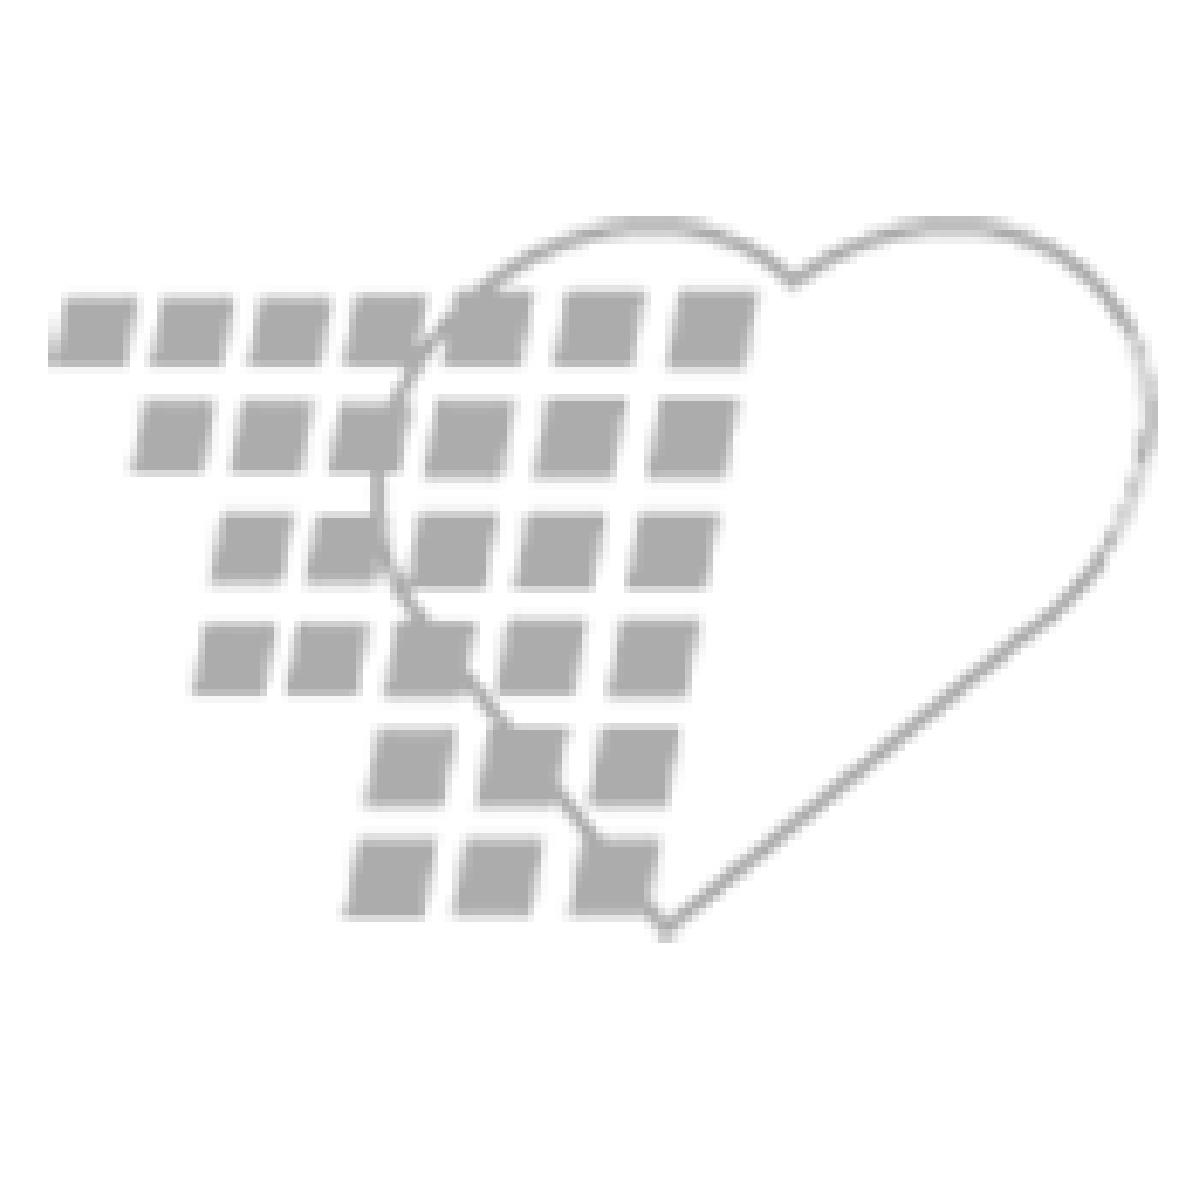 06-93-0094 - Demo Dose® Amoxl 250 mg - 100 Pills